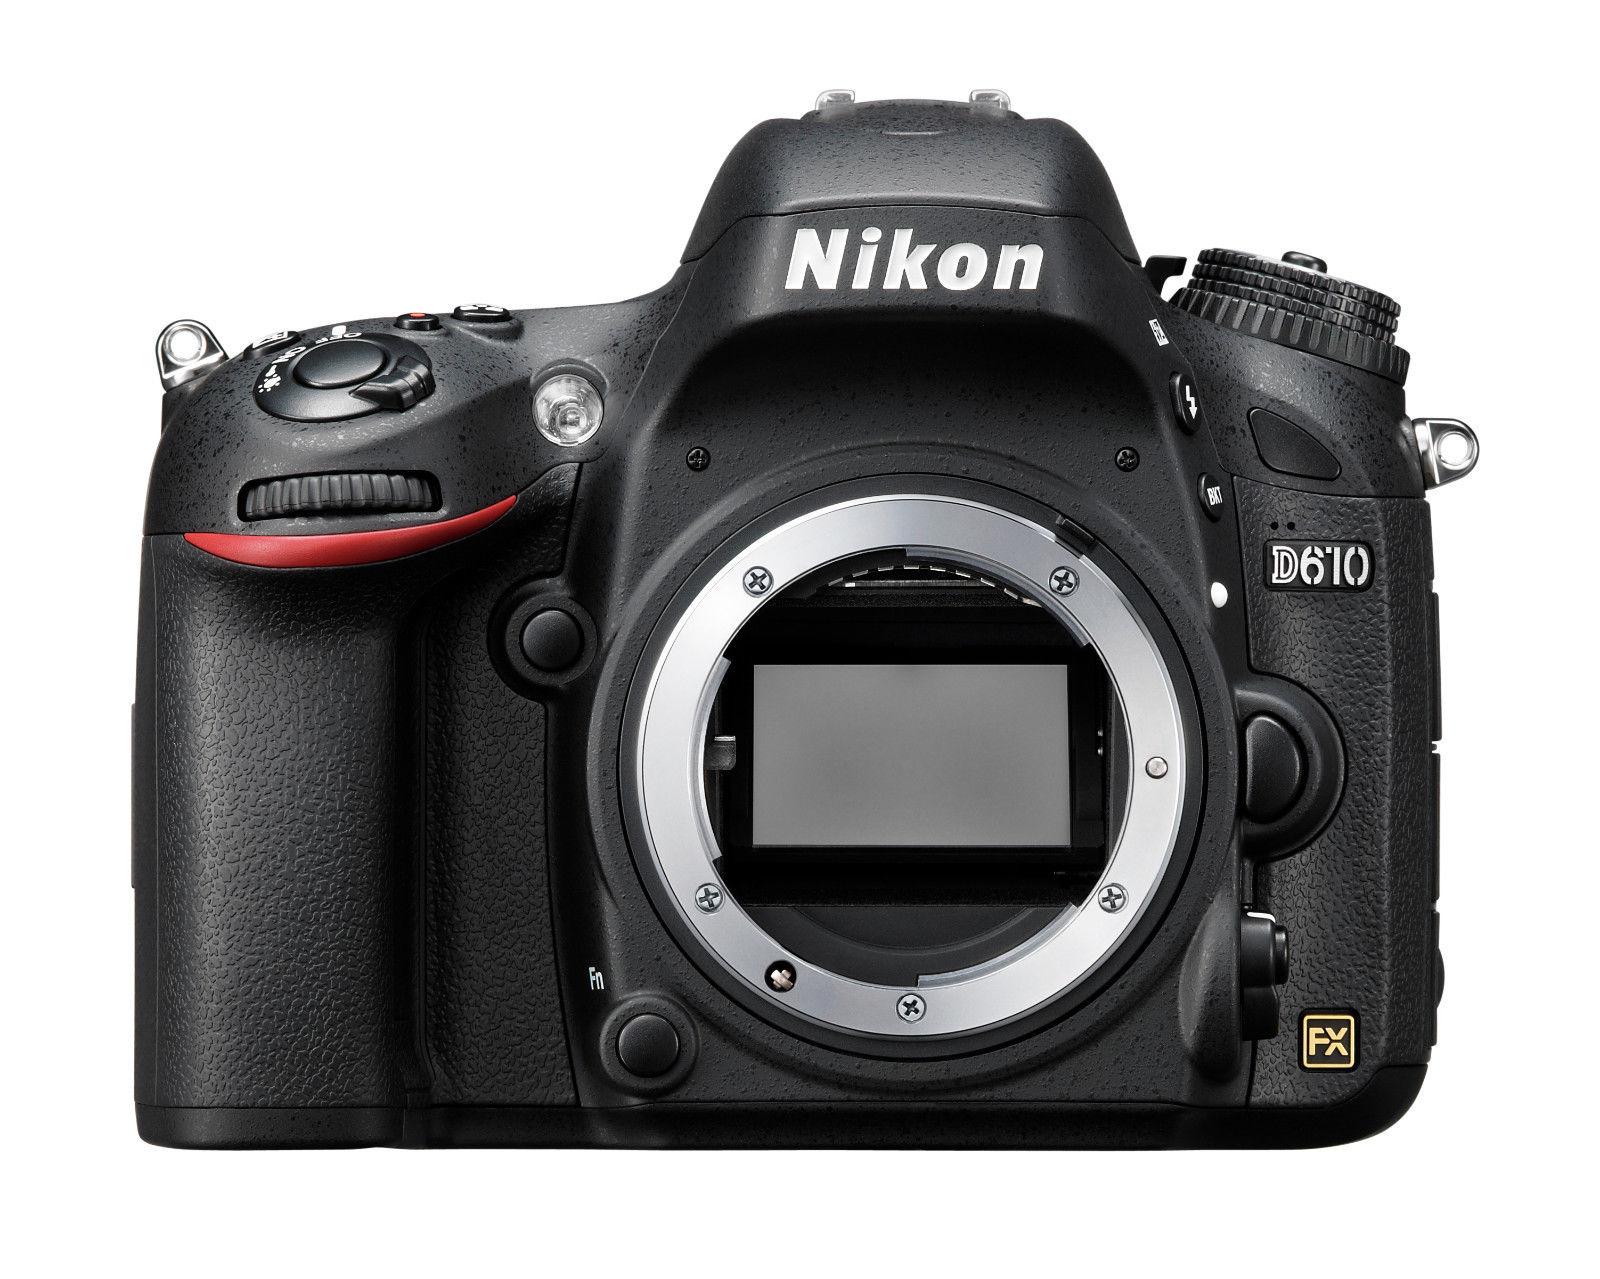 Spiegelreflexkamera Nikon D610 24.3 MP DSLR, GEHÄUSE, GEBRAUCHTWARE